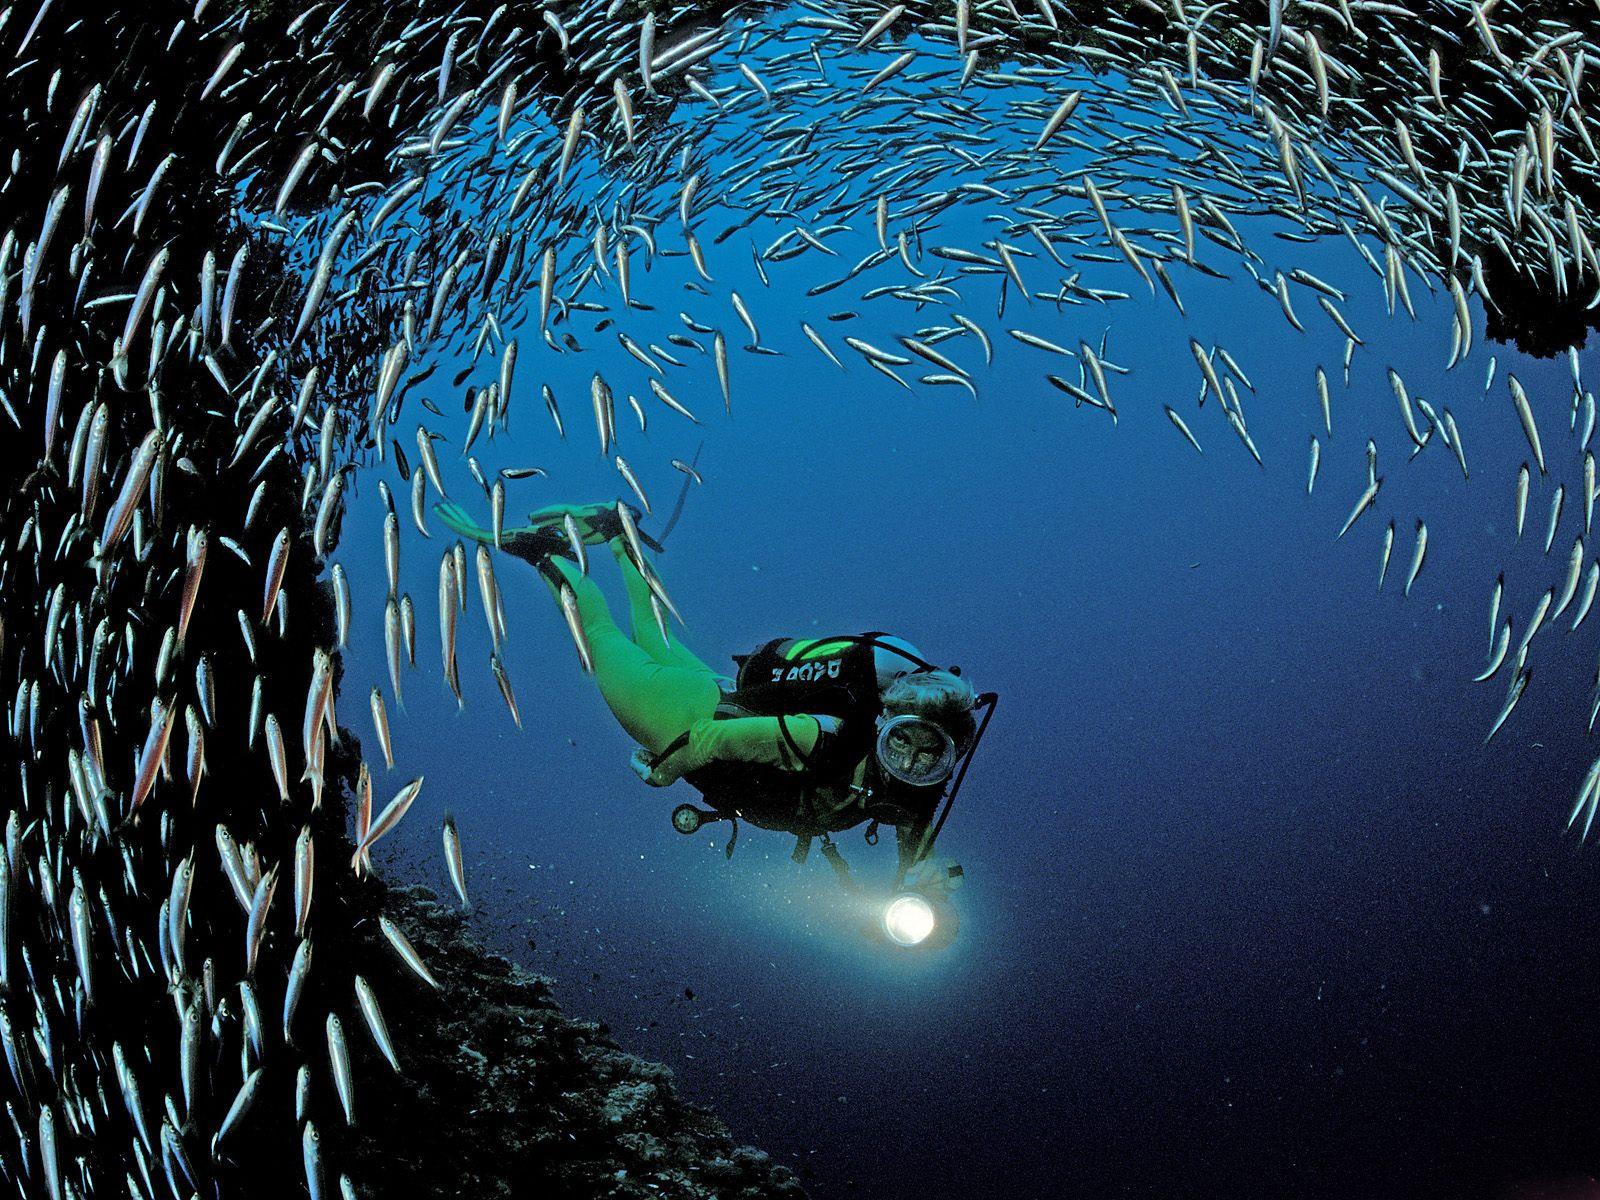 http://3.bp.blogspot.com/_rAsiSS06Zgg/TPfFfbIrp_I/AAAAAAAABOE/8PusVTdIqCY/s1600/Underwater+Wallpaper+%25285%2529.jpg